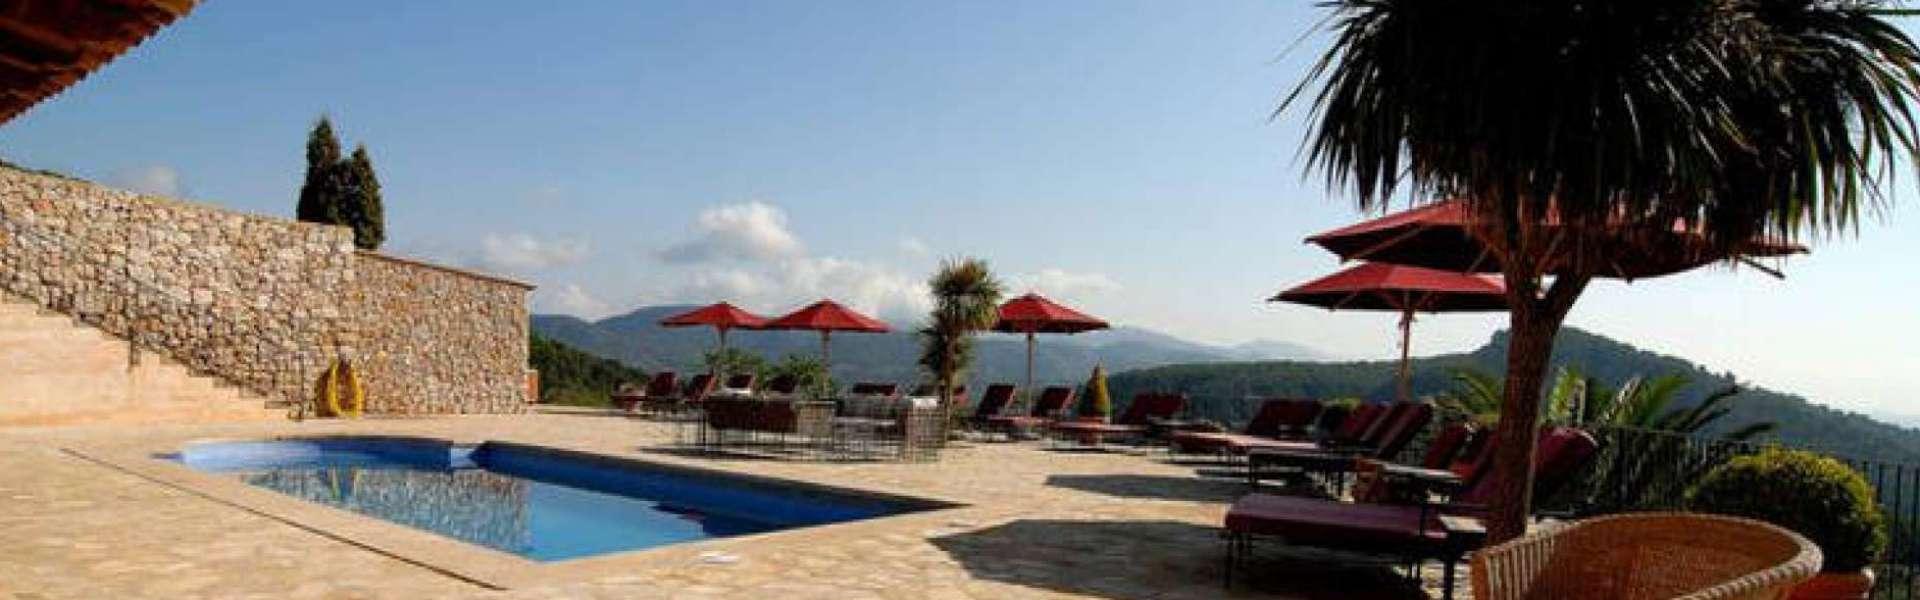 Esporles - Casa señorial / Hotel Rural - propiedad con una variedad de posibles usos